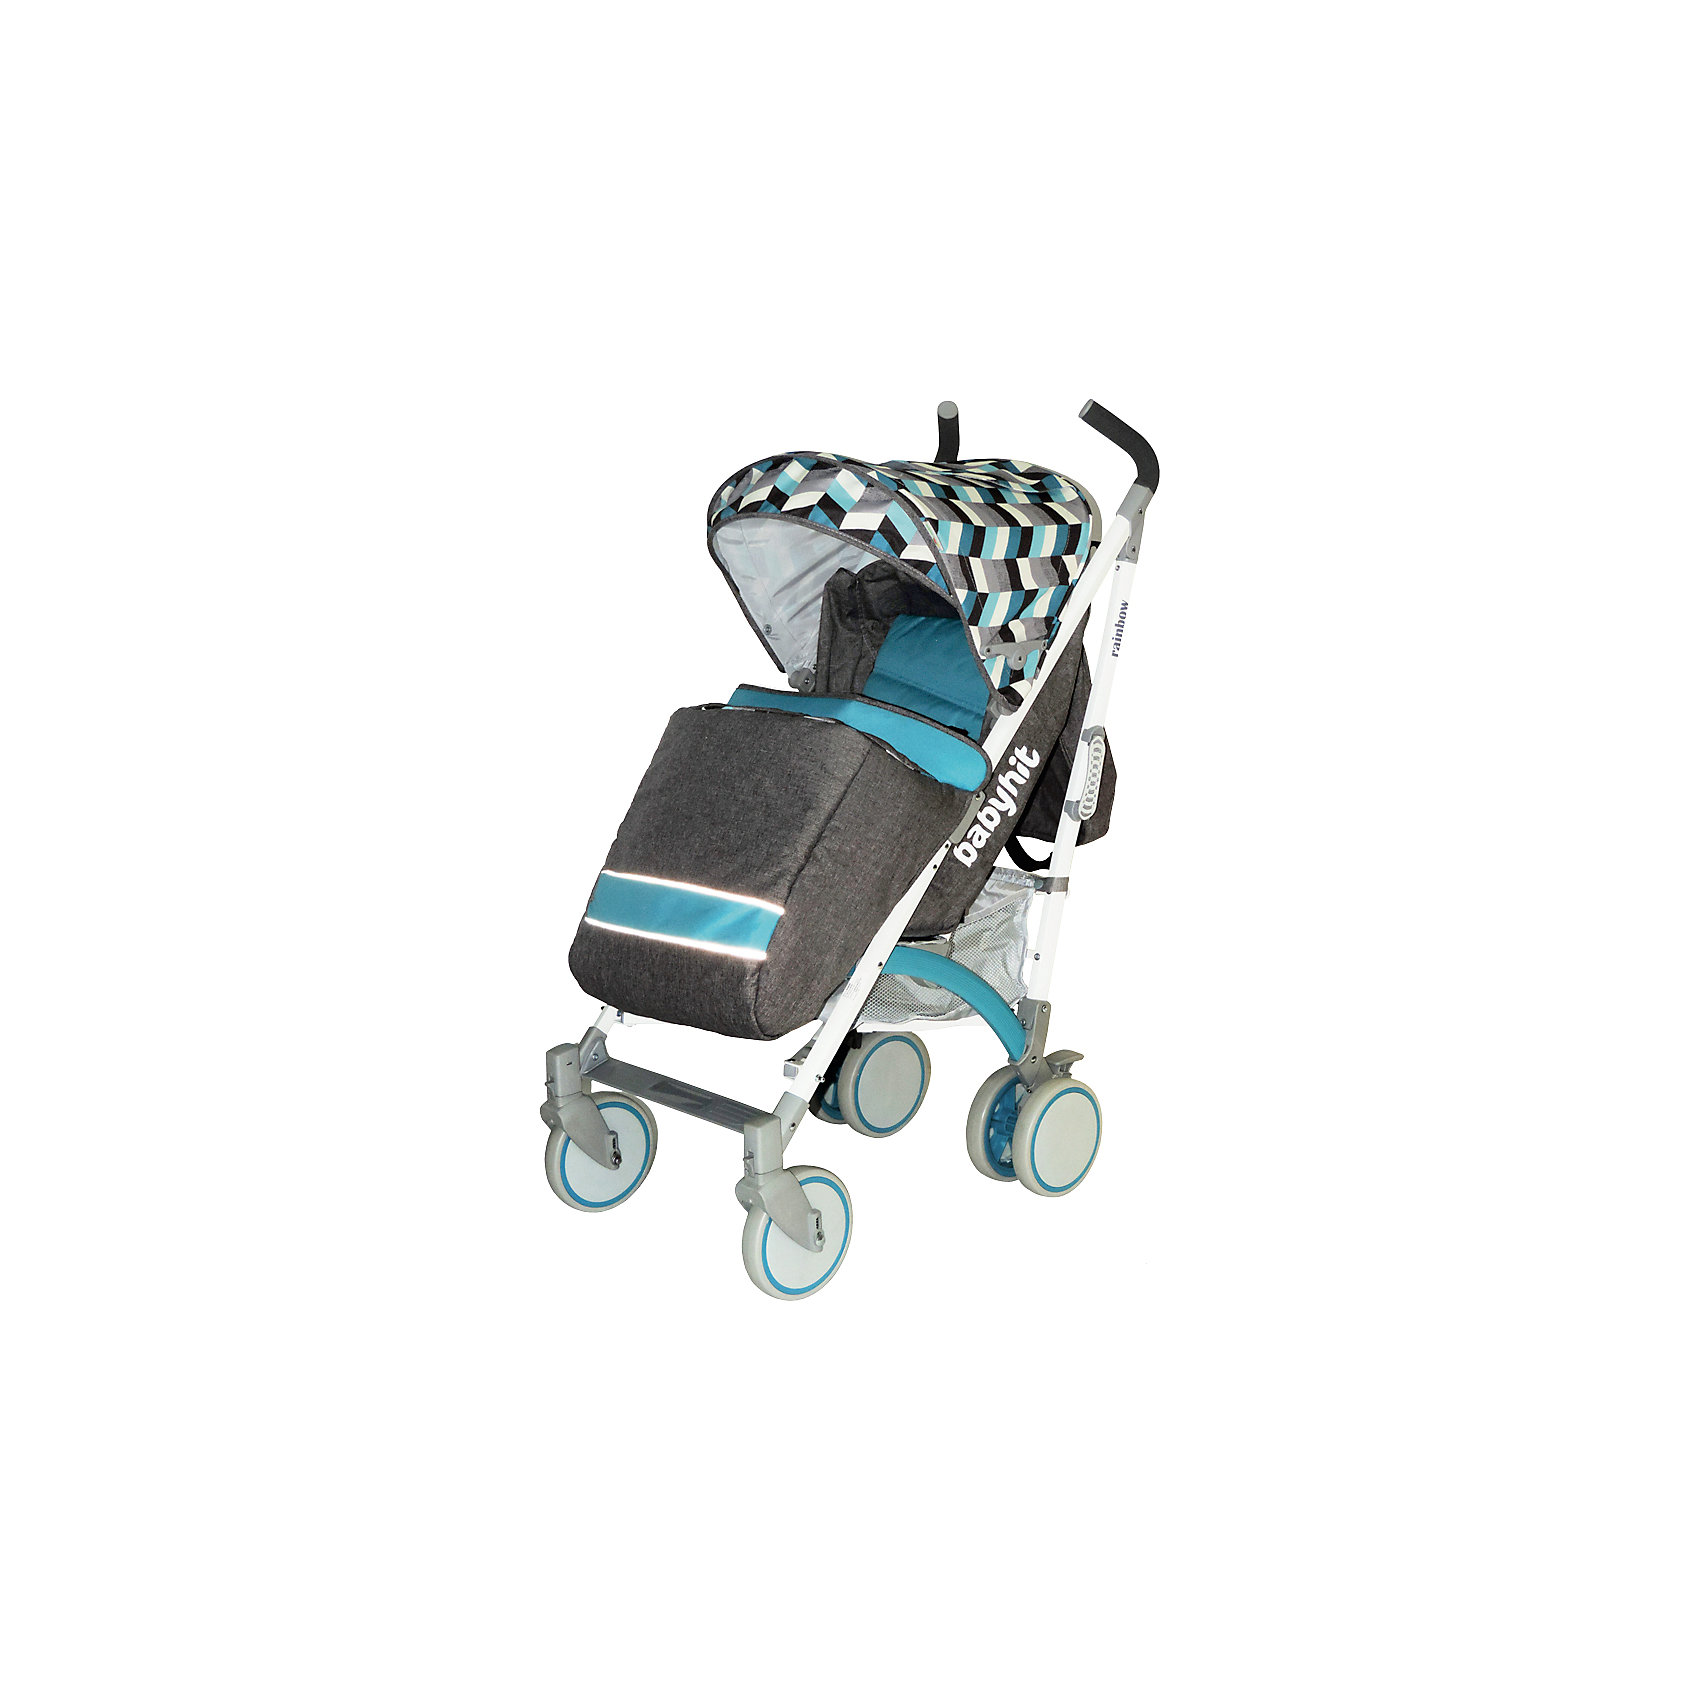 Коляска-трость RAINBOW, BabyHit, голубой/серыйДополнительная информация:<br><br>Прогулочная коляска-трость предназначена для детей от 6-ти месяцев до 3-х лет.<br>Спинка сиденья регулируется в 3-х положениях для комфортного отдыха ребенка.<br>5-ти точечные ремни безопасности с мягкими плечевыми накладками и паховый ремень надежно удержат малыша на прогулке.<br>Бампер предназначен для дополнительной безопасности, снимается при необходимости.<br>Подножка регулируемая.<br>Капюшон-батискаф опускается до бампера.<br>Передние поворотные колеса с возможностью фиксации в положении прямо.<br>Все колеса амортизированы.<br>В сложенном виде коляску легко переносить с помощью удобной ручки.<br>Коляска автоматически блокируется при складывании.<br>Корзинка для покупок расположена в нижней части коляски.<br>Размеры коляски в разложенном виде: 85/43/108 см.<br>Ширина сиденья: 35 см.<br>Высота спинки: 47 см.<br>Глубина сиденья: 25 см.<br>Длина подножки: 13 см.<br>Размер спального места при поднятой подножке - 85 х 35 см.  <br>Диаметр колес: 18 см.<br>Вес коляски - 7,4 кг.<br>В комплекте:<br>Чехол для ножек. <br>Дождевик.<br>Москитная сетка.<br>Корзинка для покупок.<br>Сумка (нет в комплекте у колясок в расцветках: бежевый, голубой, малиновый). <br><br><br><br>Коляску-трость RAINBOW, BabyHit, голубой/серый можно купить в нашем магазине.<br><br>Ширина мм: 260<br>Глубина мм: 250<br>Высота мм: 900<br>Вес г: 8700<br>Цвет: серый/голубой<br>Возраст от месяцев: 6<br>Возраст до месяцев: 36<br>Пол: Мужской<br>Возраст: Детский<br>SKU: 4640318